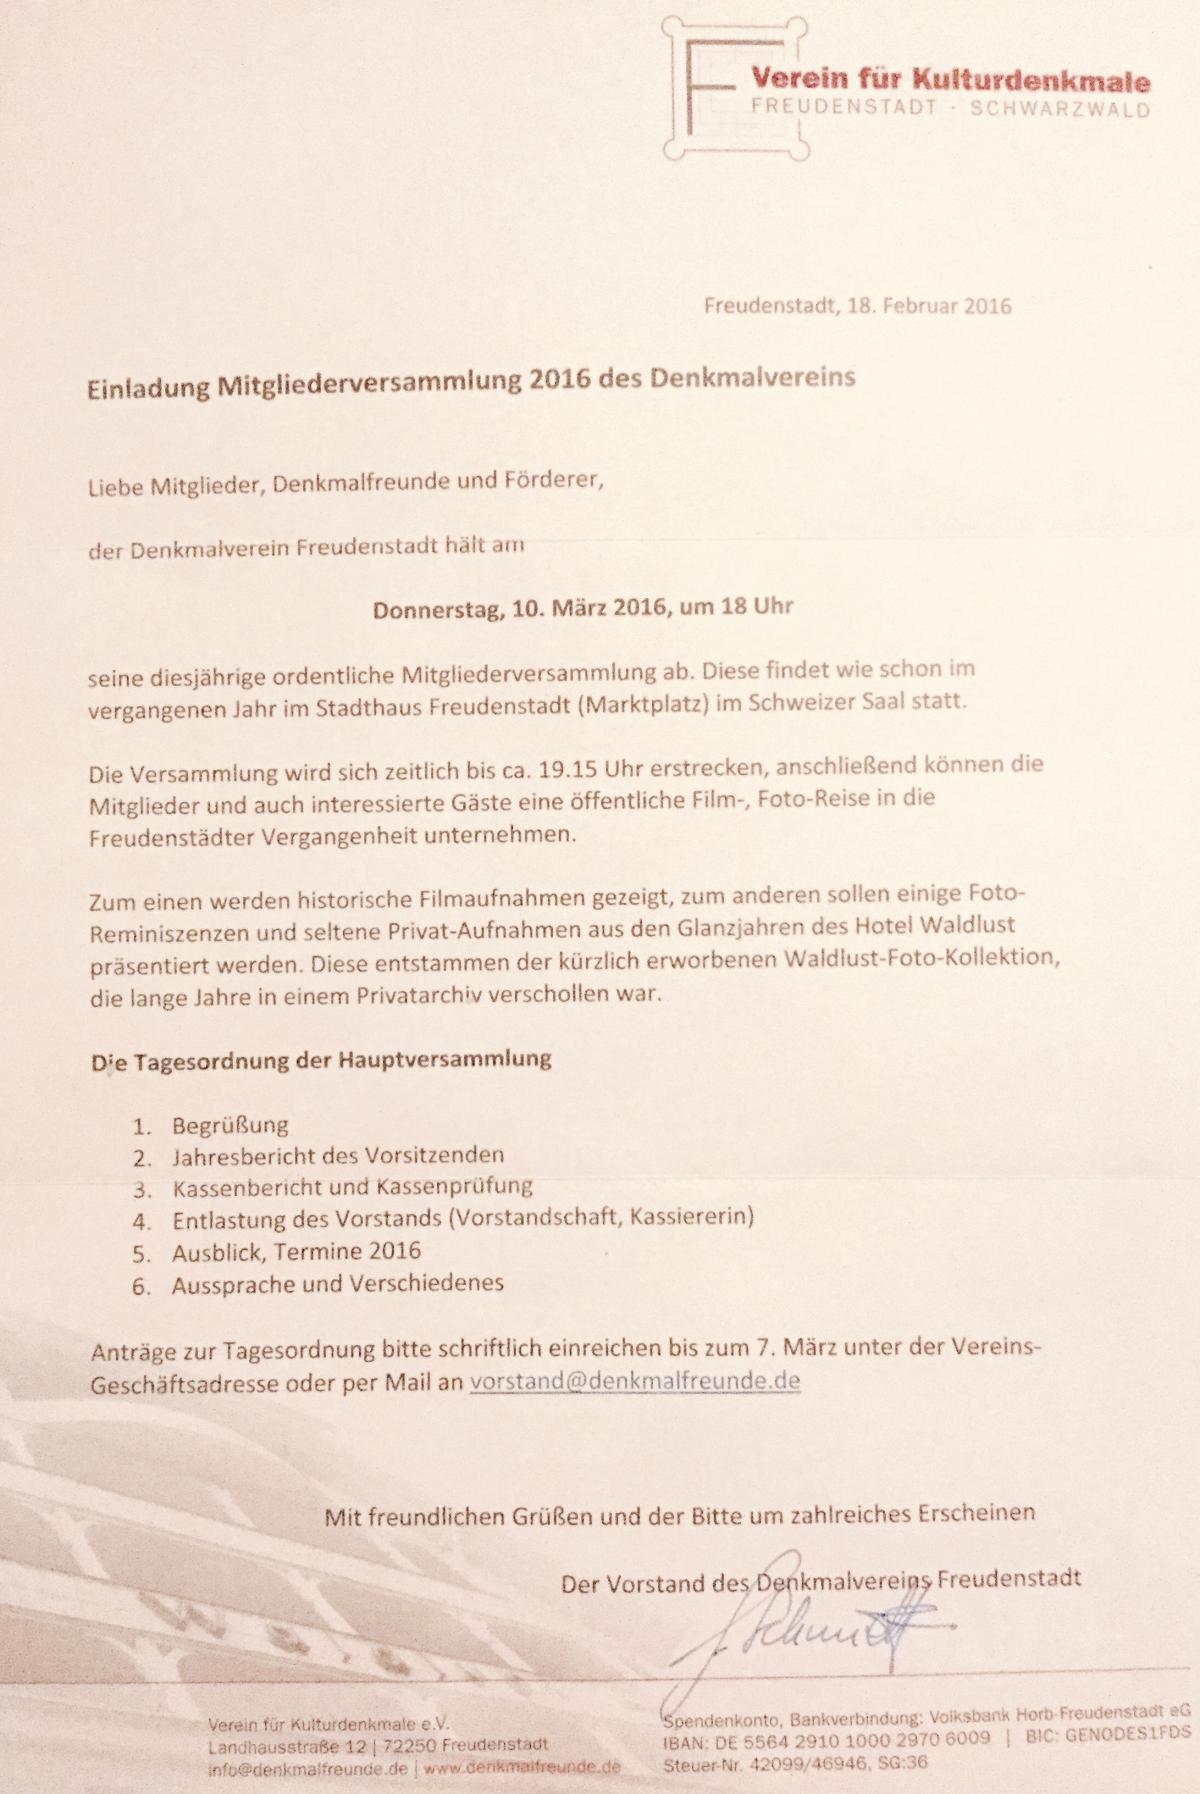 einladung mitgliederversammlung 2016 | verein für kulturdenkmale, Einladung